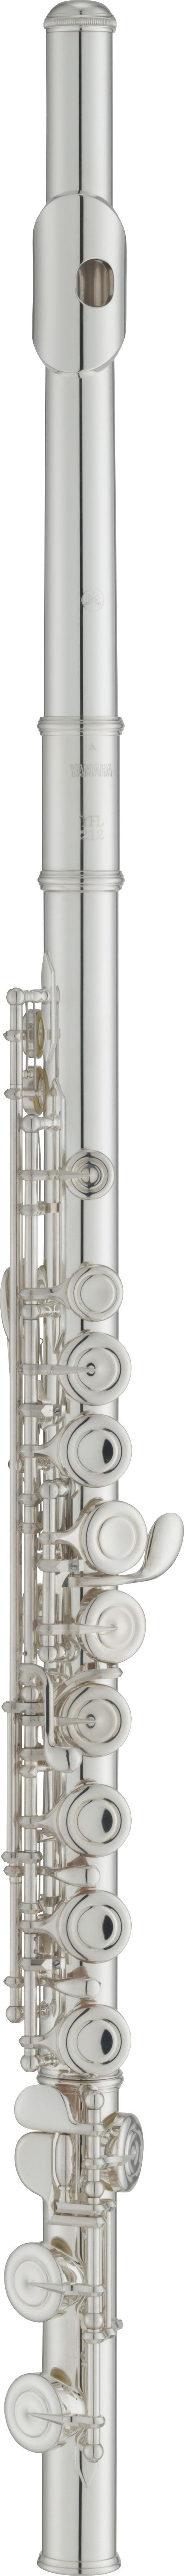 Yamaha - YFL-212 - CCEO - Holzblasinstrumente - Flöten mit E-Mechanik | MUSIK BERTRAM Deutschland Freiburg